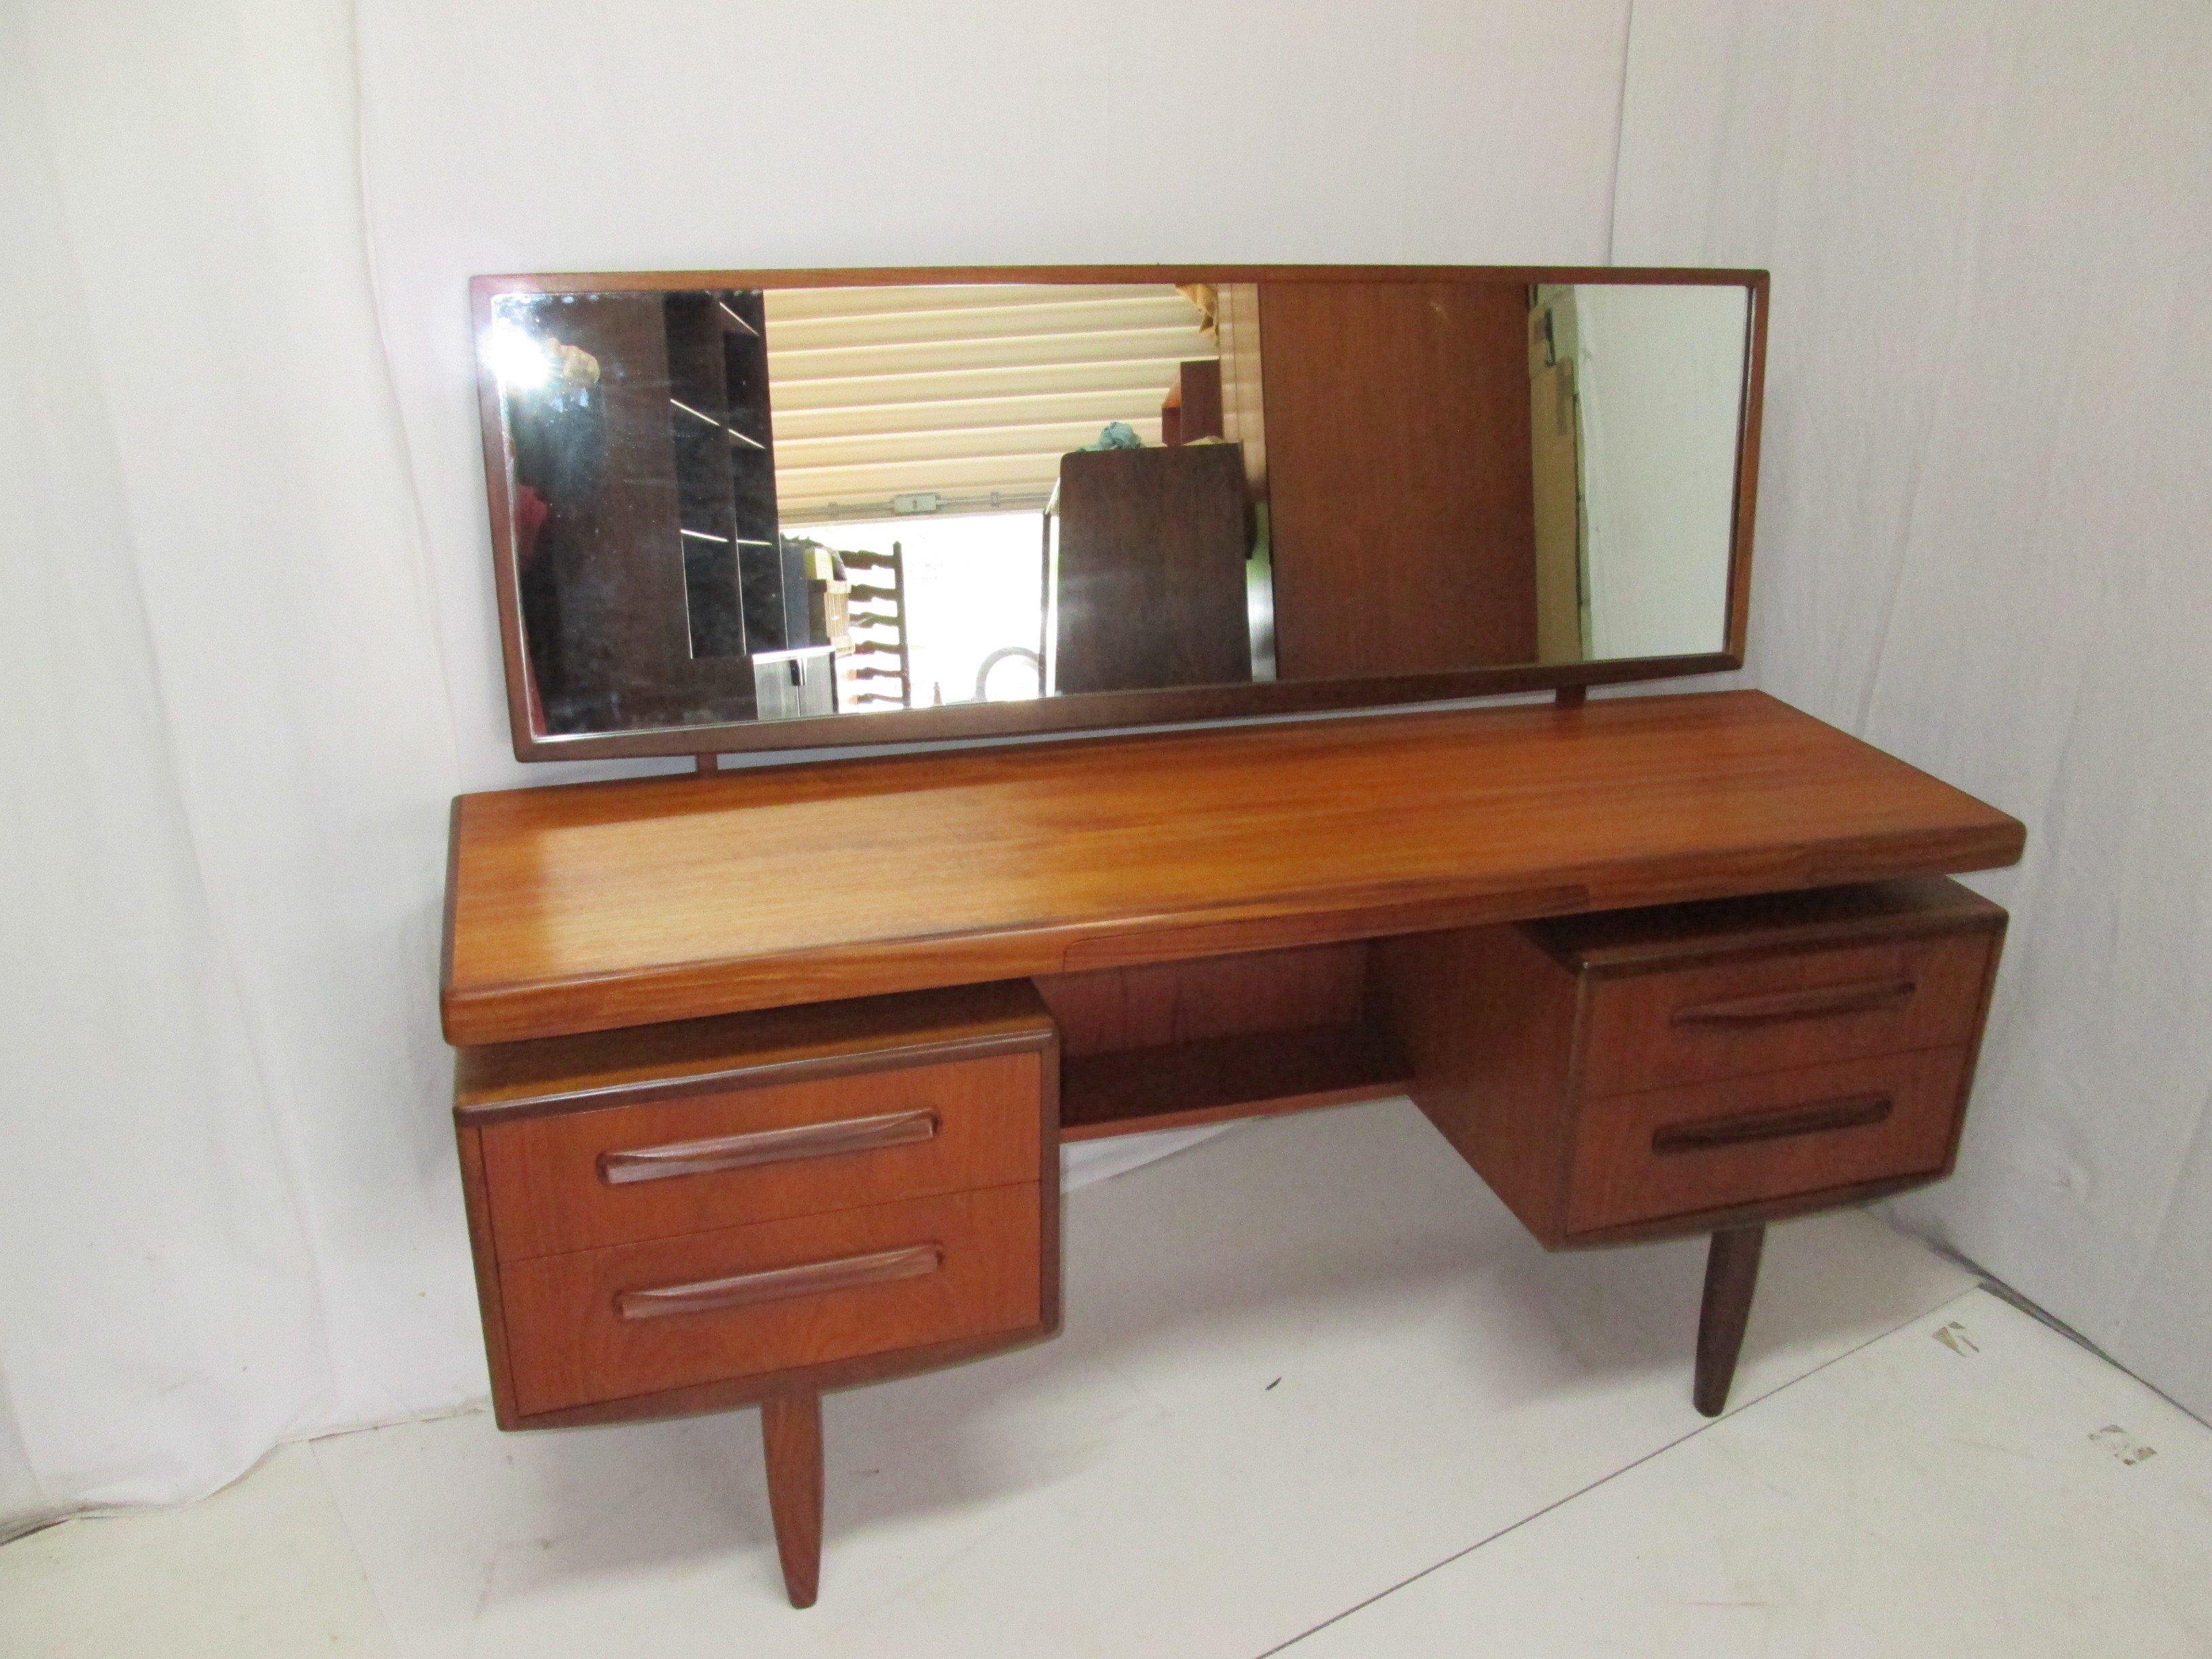 Vintage teak dressing table by G-plan - 1960s - Design Market